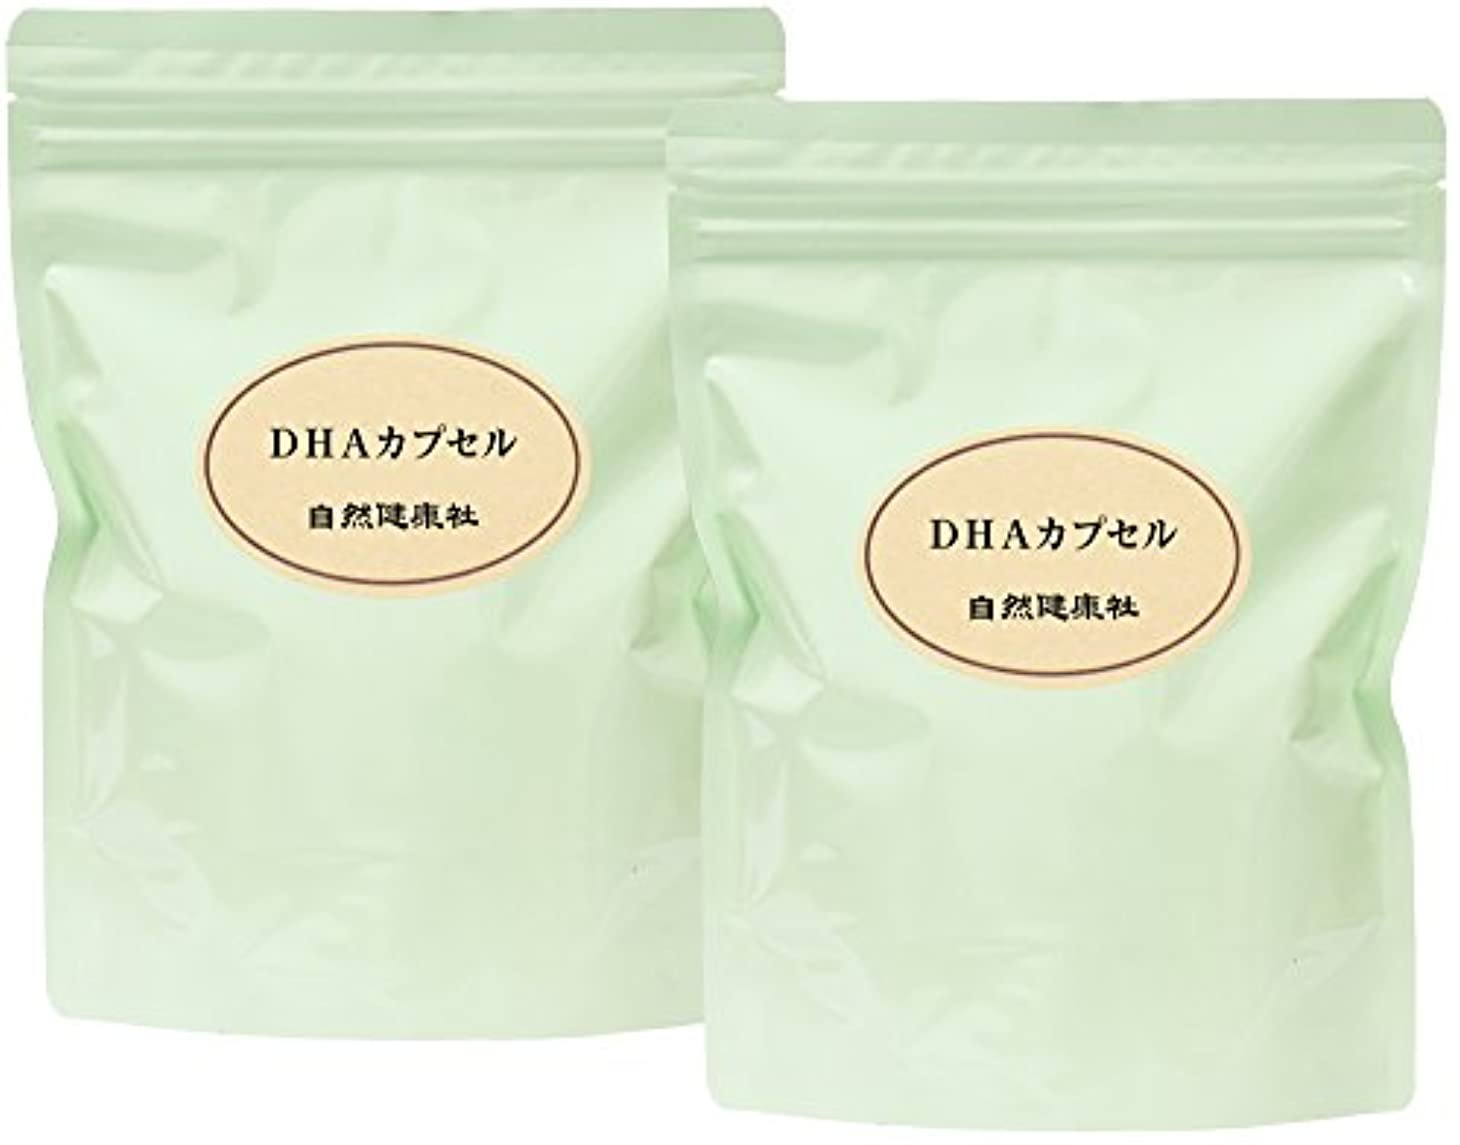 議論する洗剤コスチューム自然健康社 DHAカプセル?徳用 300g(460mg×652粒)×2個 チャック付きアルミ袋入り